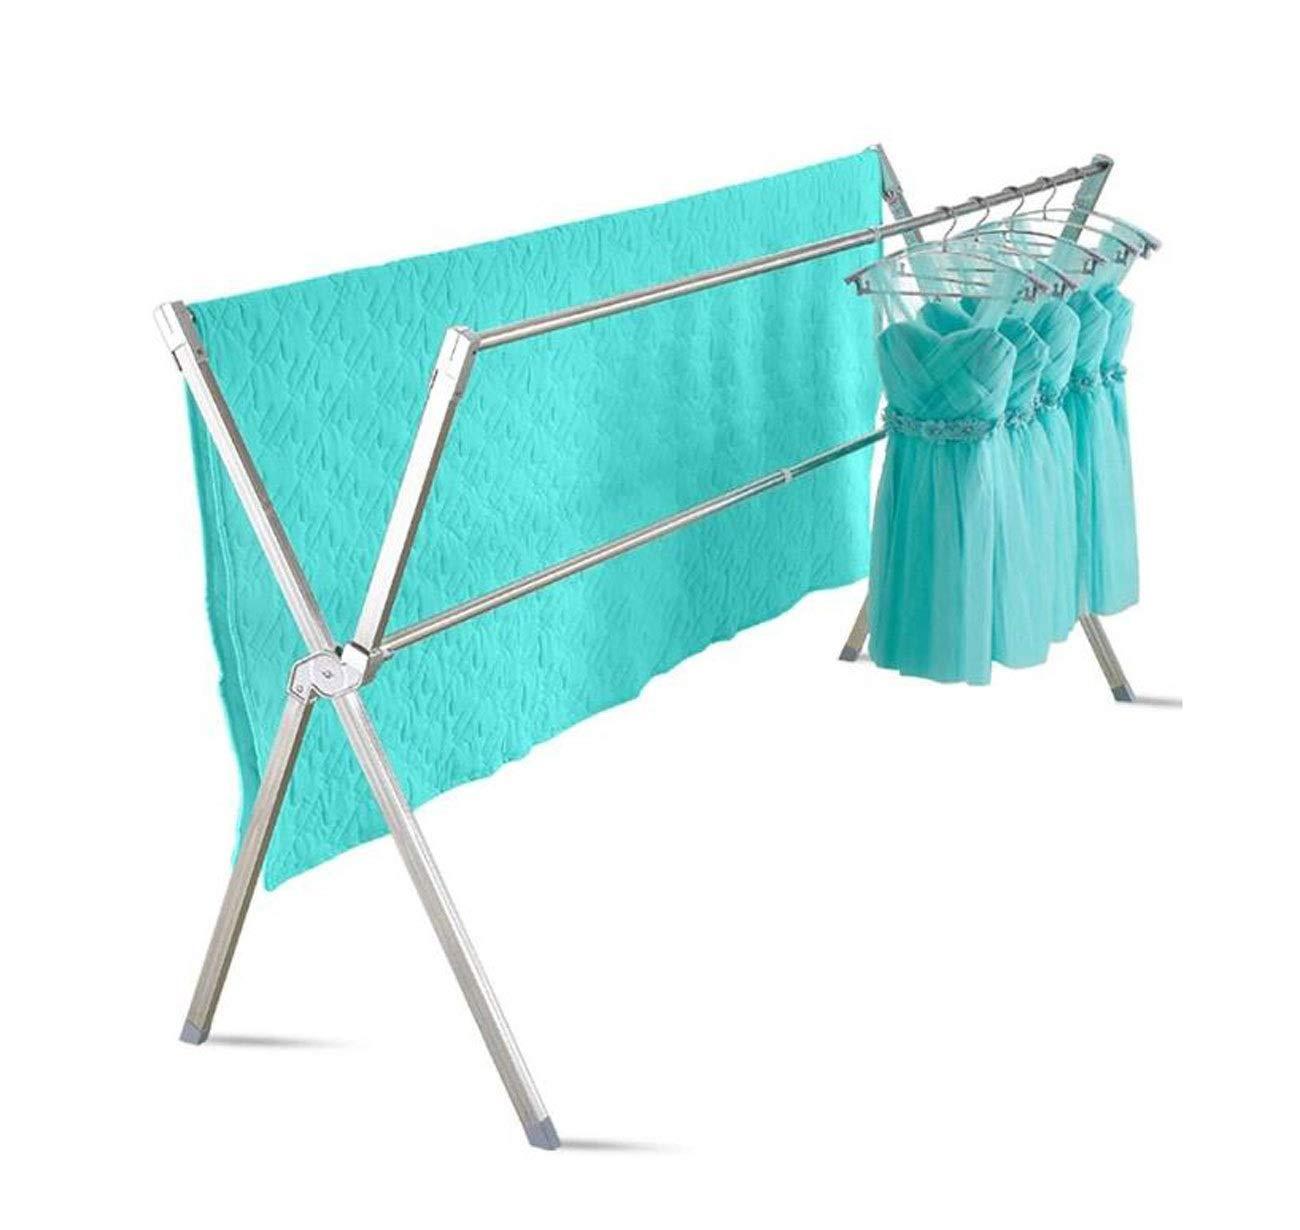 衣類乾燥ラック、床折りたたみ室内X型ステンレス鋼冷たい掛け布団格納式ハンガー/二重極バルコニー乾燥ラック乾燥ラック B07RR2FYD3